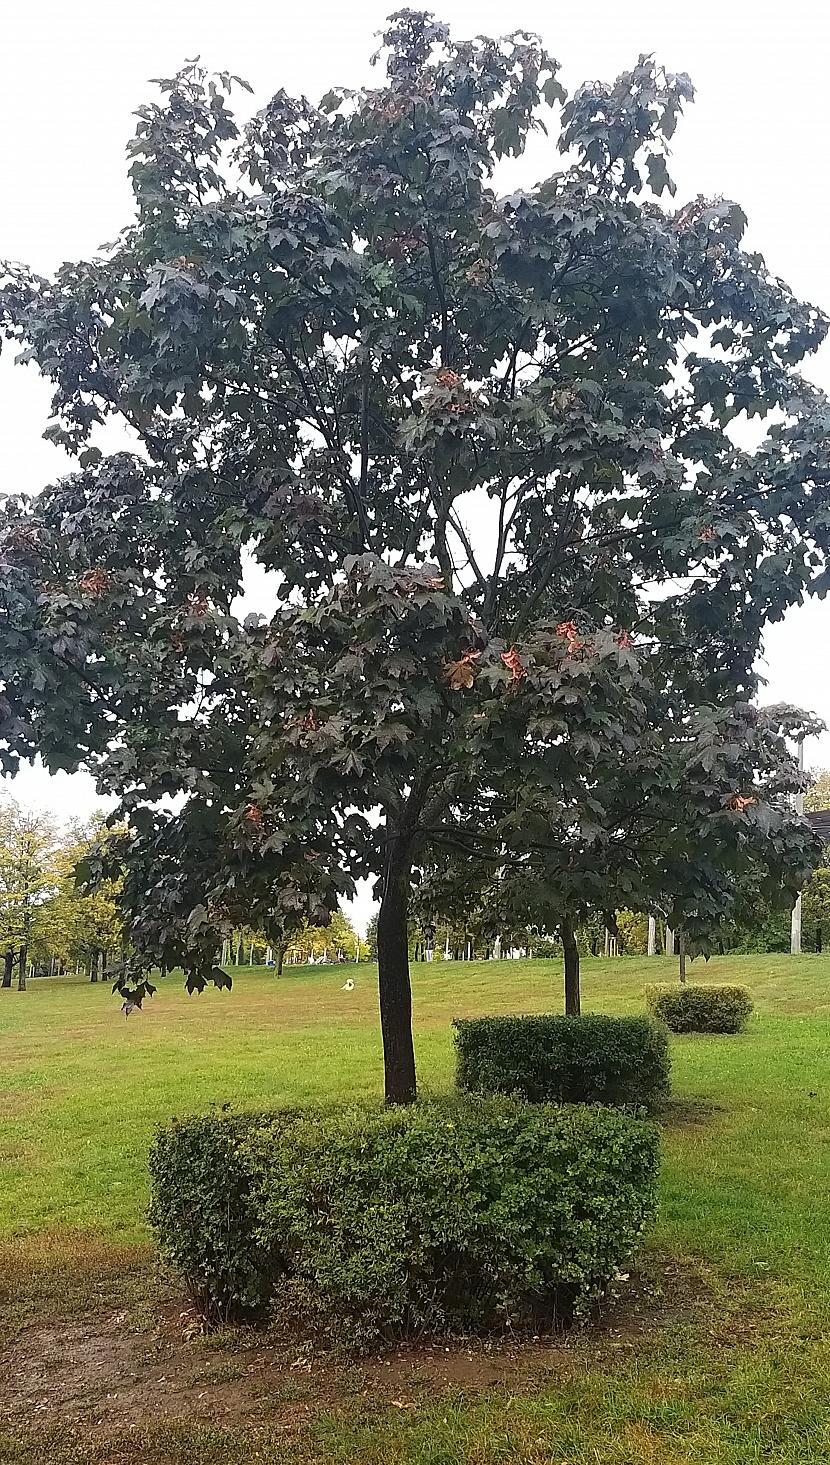 Keře okolo stromků